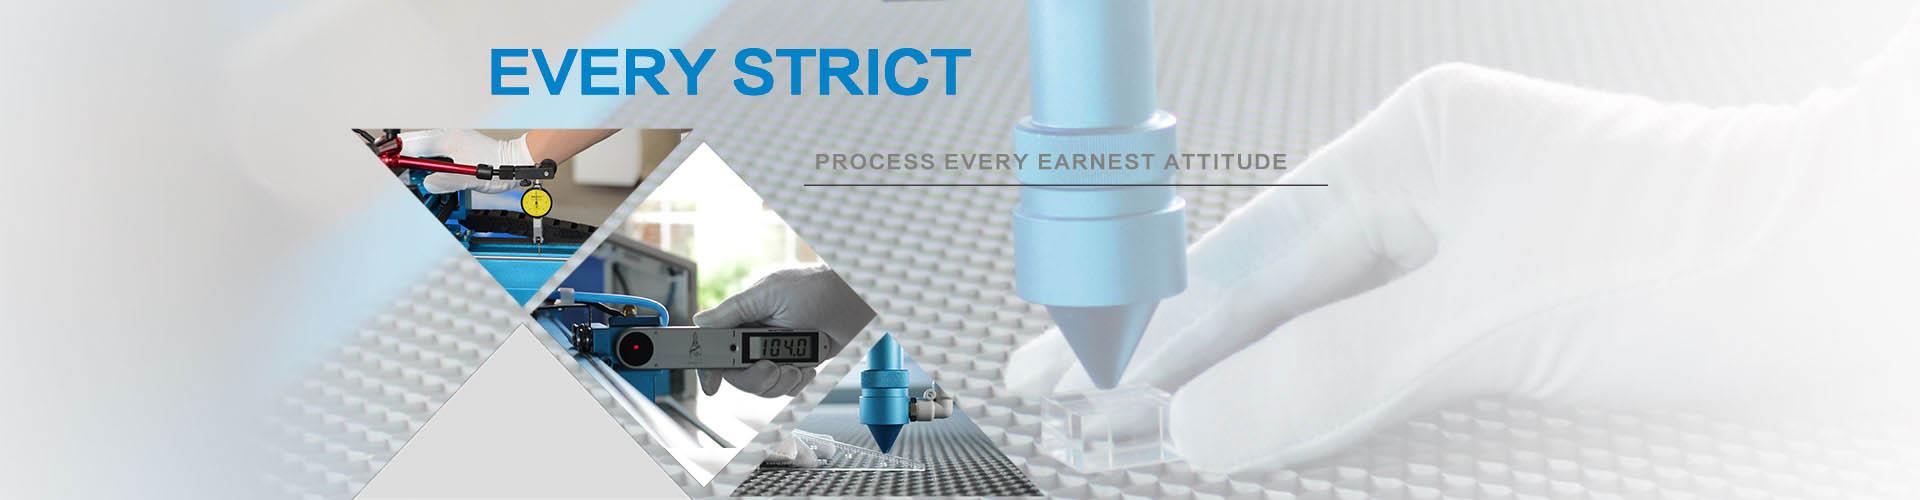 laser cutter tech support